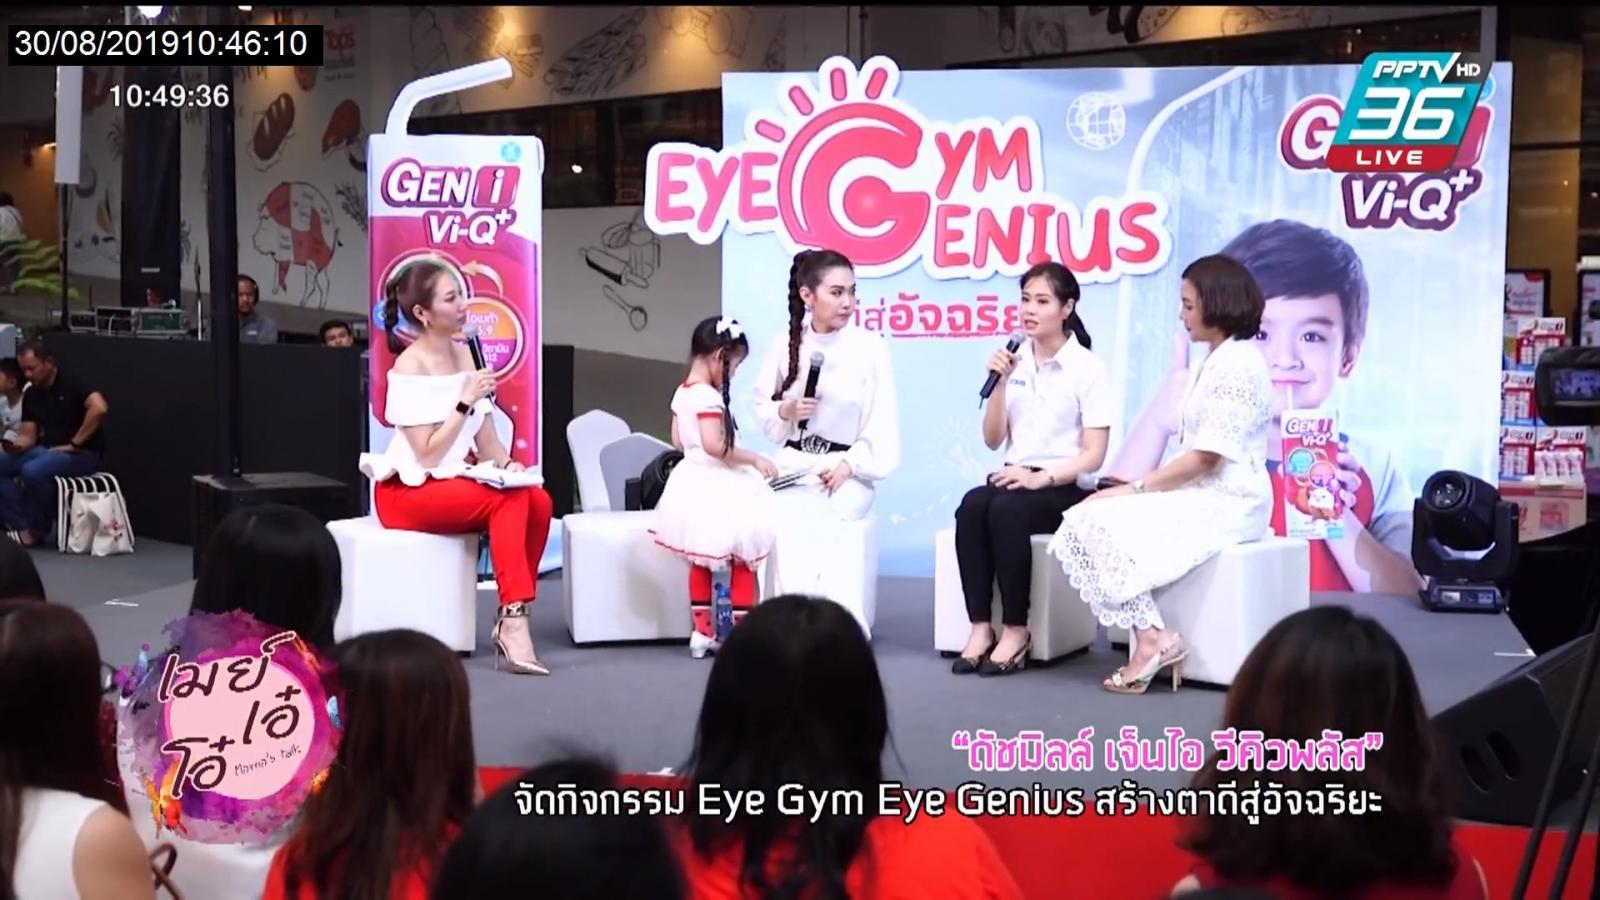 """ดัชมิลล์ """"Eye Gym Eye Genius สร้างตาดีสู่อัจฉริยะ โดย ดัชมิลล์ เจ็นไอ วีคิวพลัส"""""""